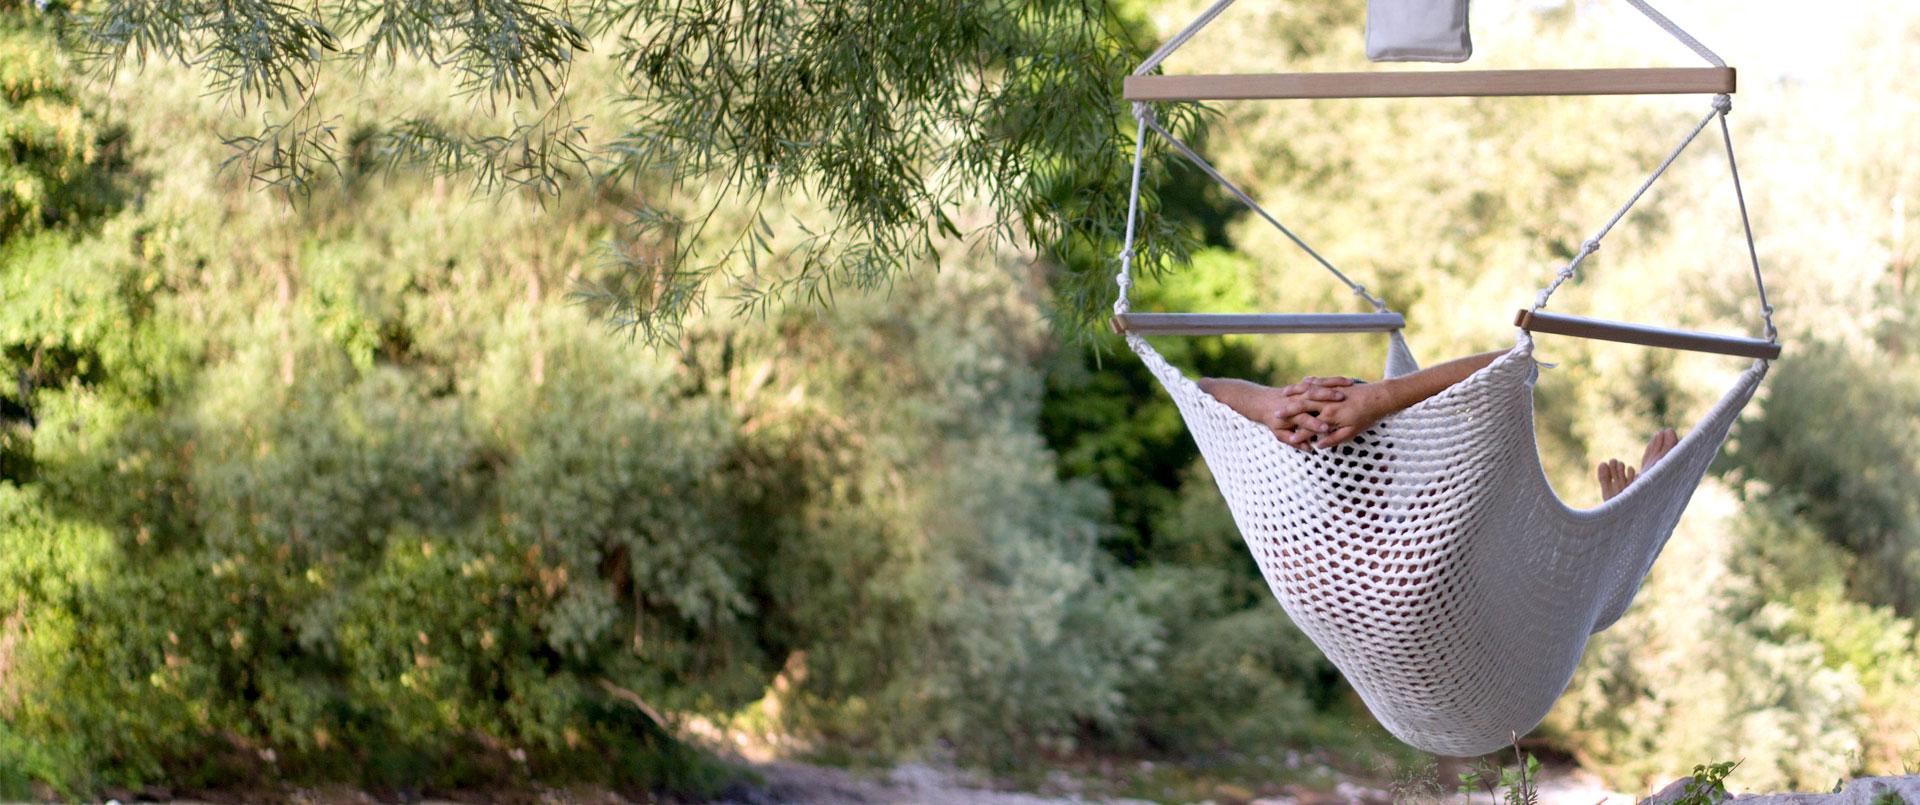 Ökologische Entspannungsmöbel von Mira Art